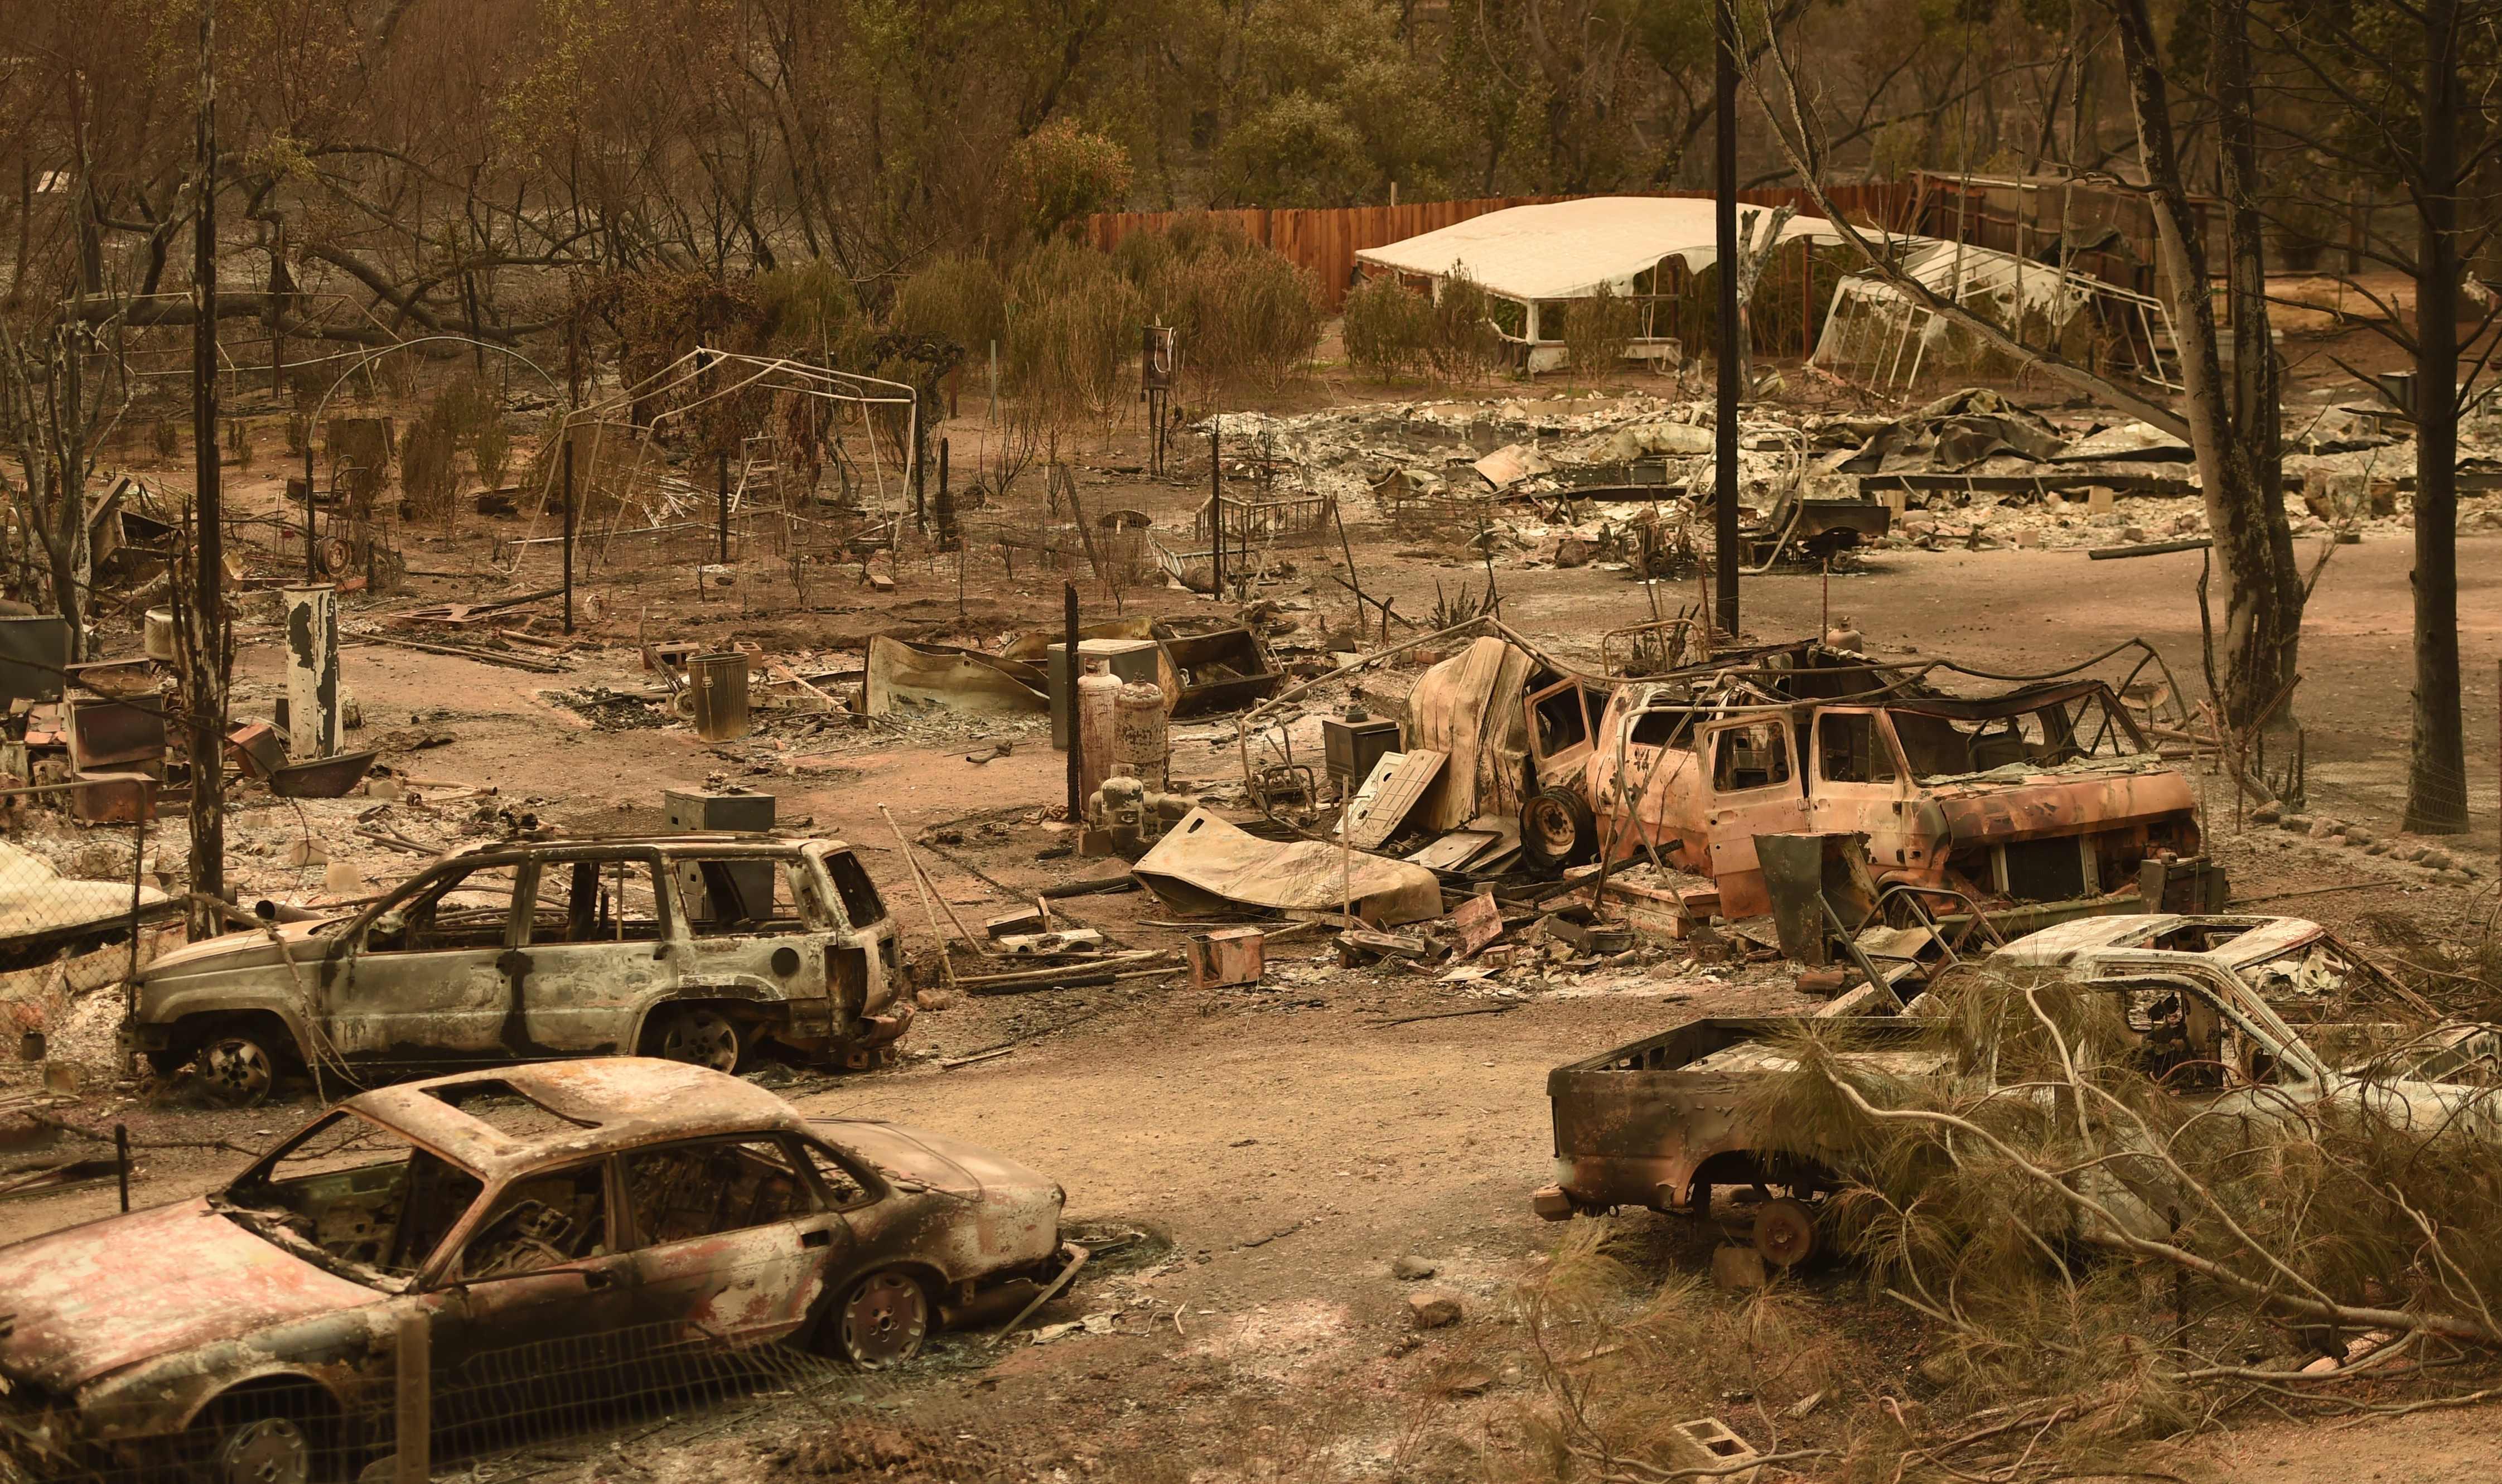 سيارات ومنازل أكلتها النيران